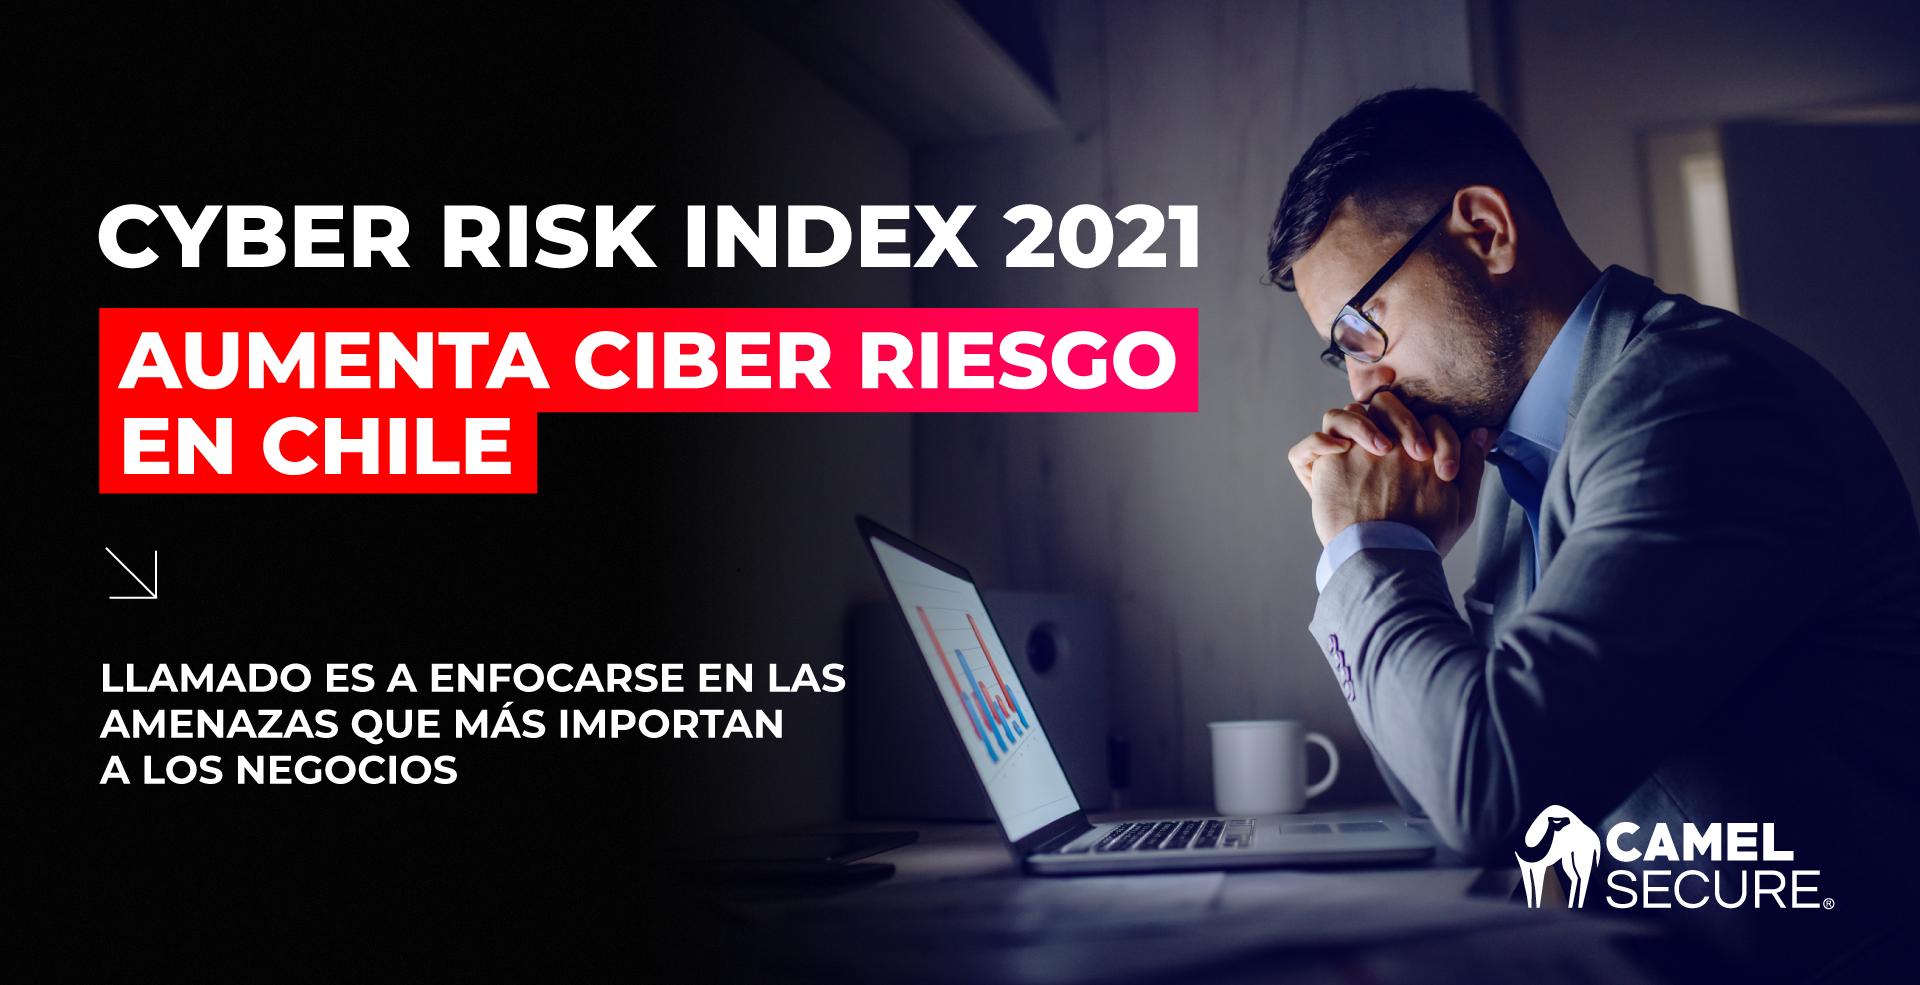 Cyber Risk Index 2021: Aumenta Ciber Riesgo En Chile.